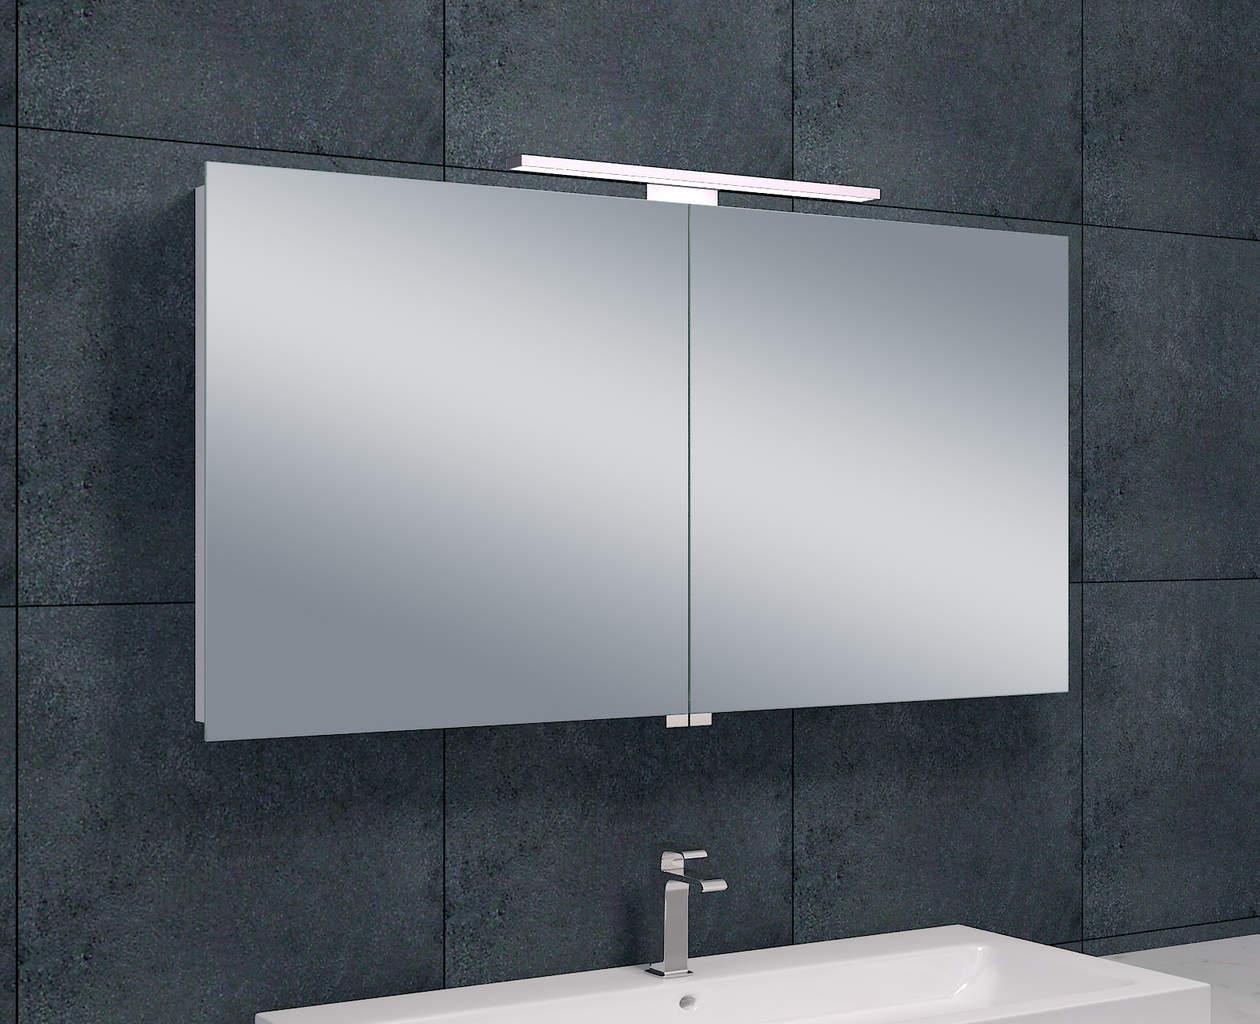 Luxe spiegelkast led verlichting 120x60x14cm megadump for Spiegelkast 60 cm breed